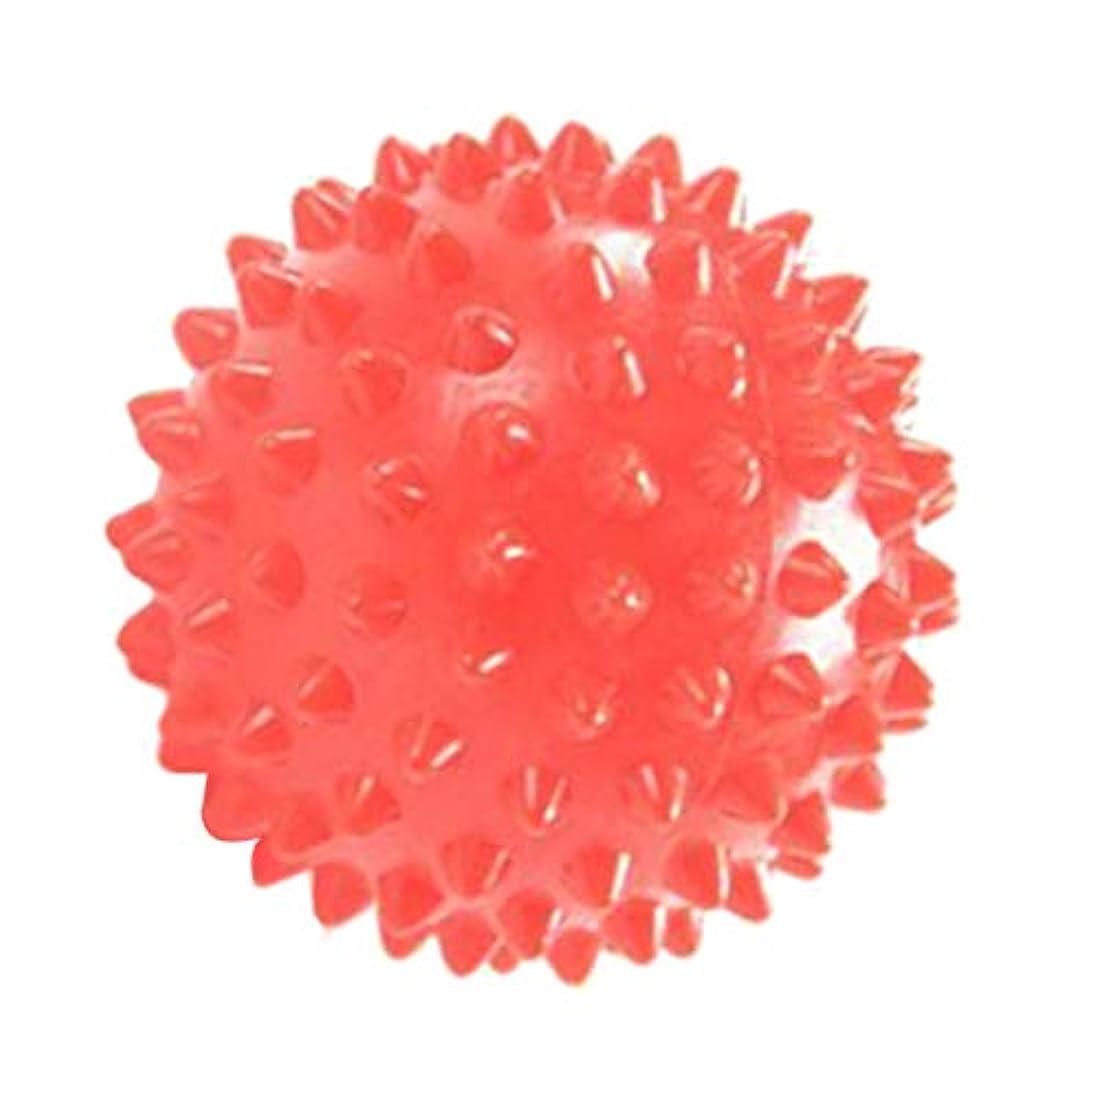 想像力豊かなインテリア皮指圧ボール 触覚ボール マッサージローラー ローラーボール 軽量 持ち運び便利 補助ツール